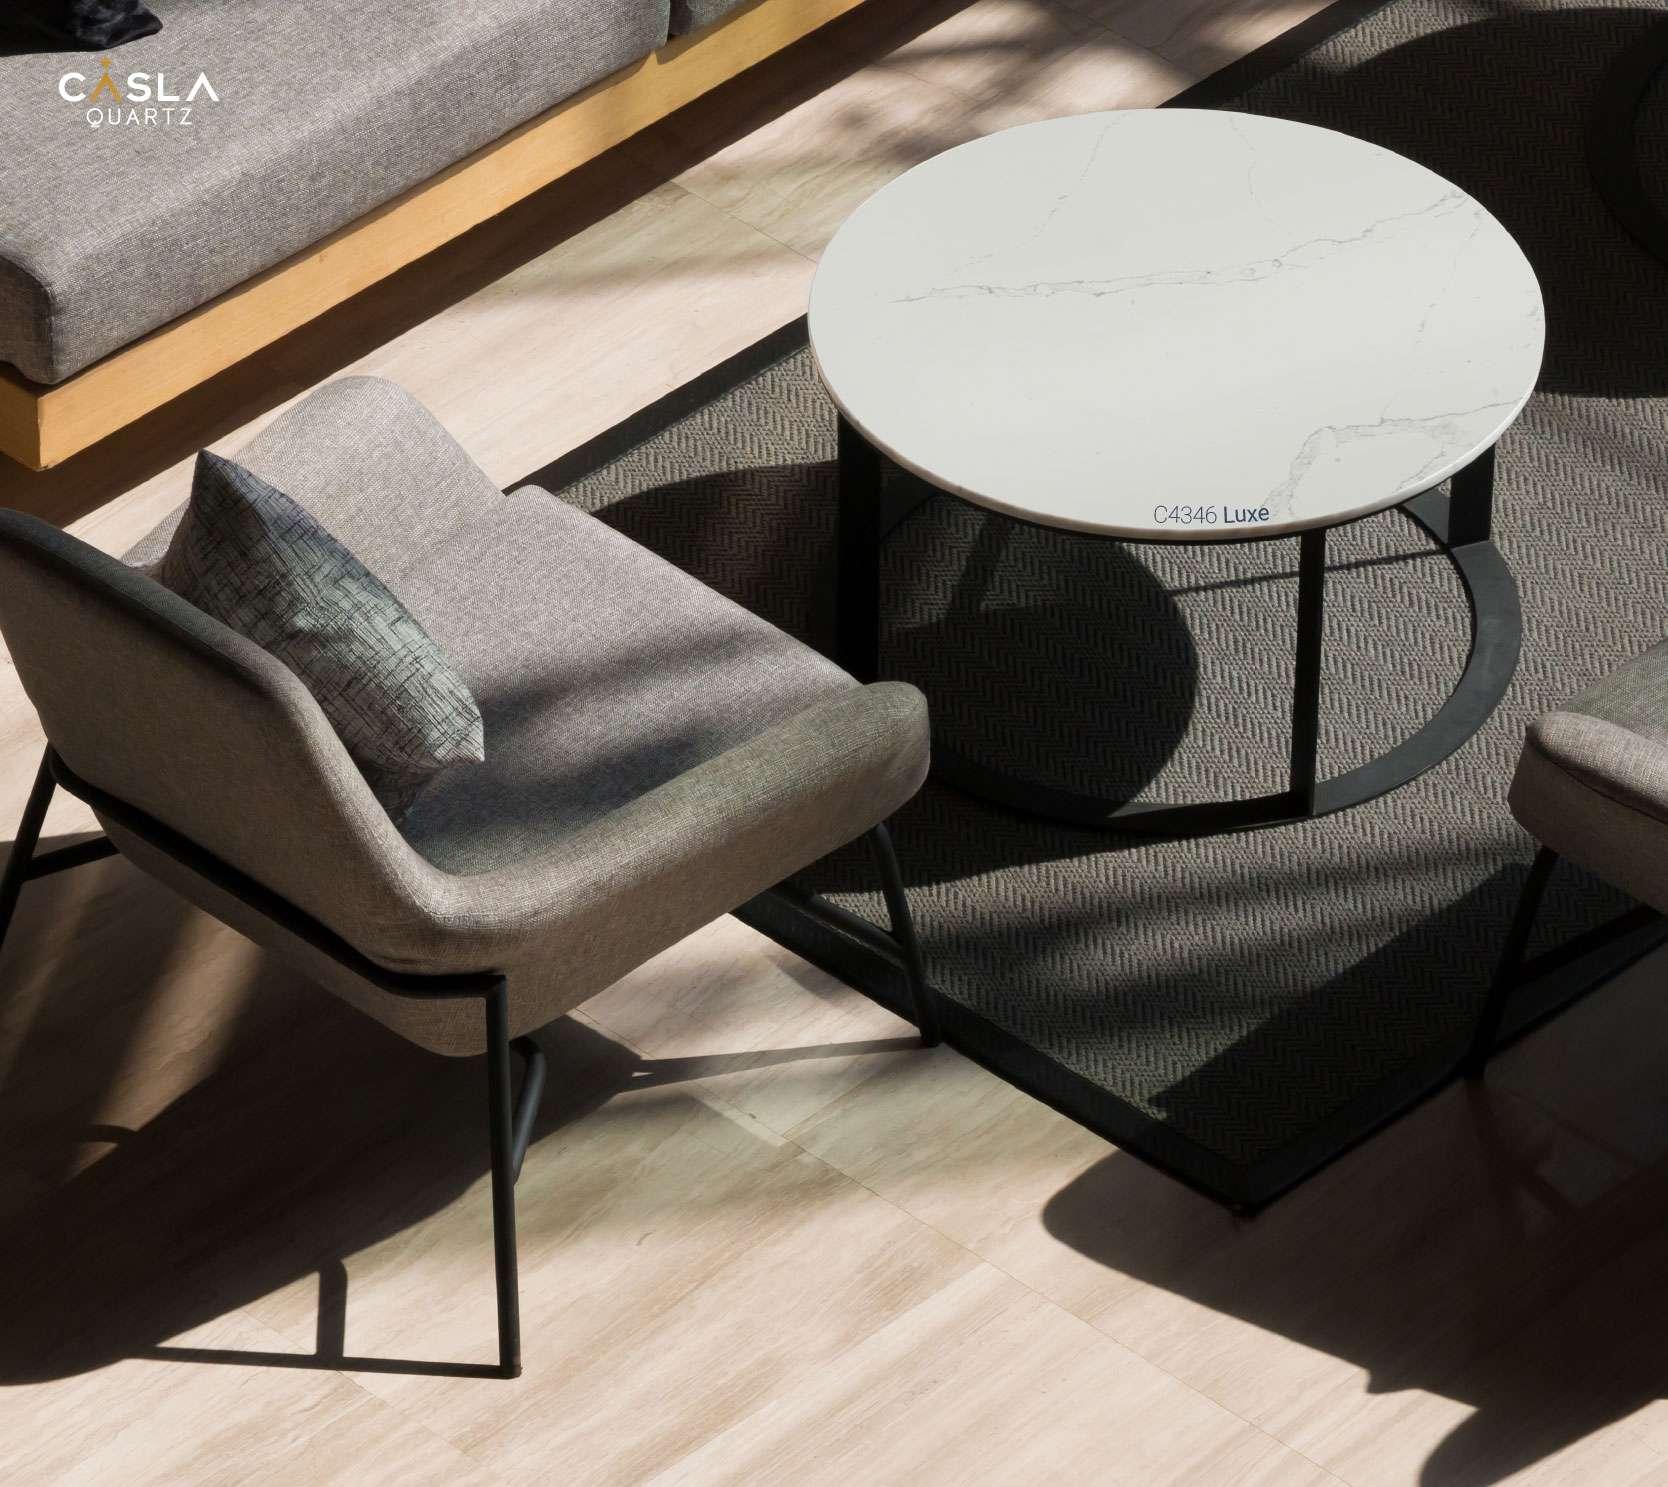 Đá nhân tạo gốc thạch anh Luxe sử dụng để ốp mặt bàn trà phòng khách rất lịch sự và an toàn